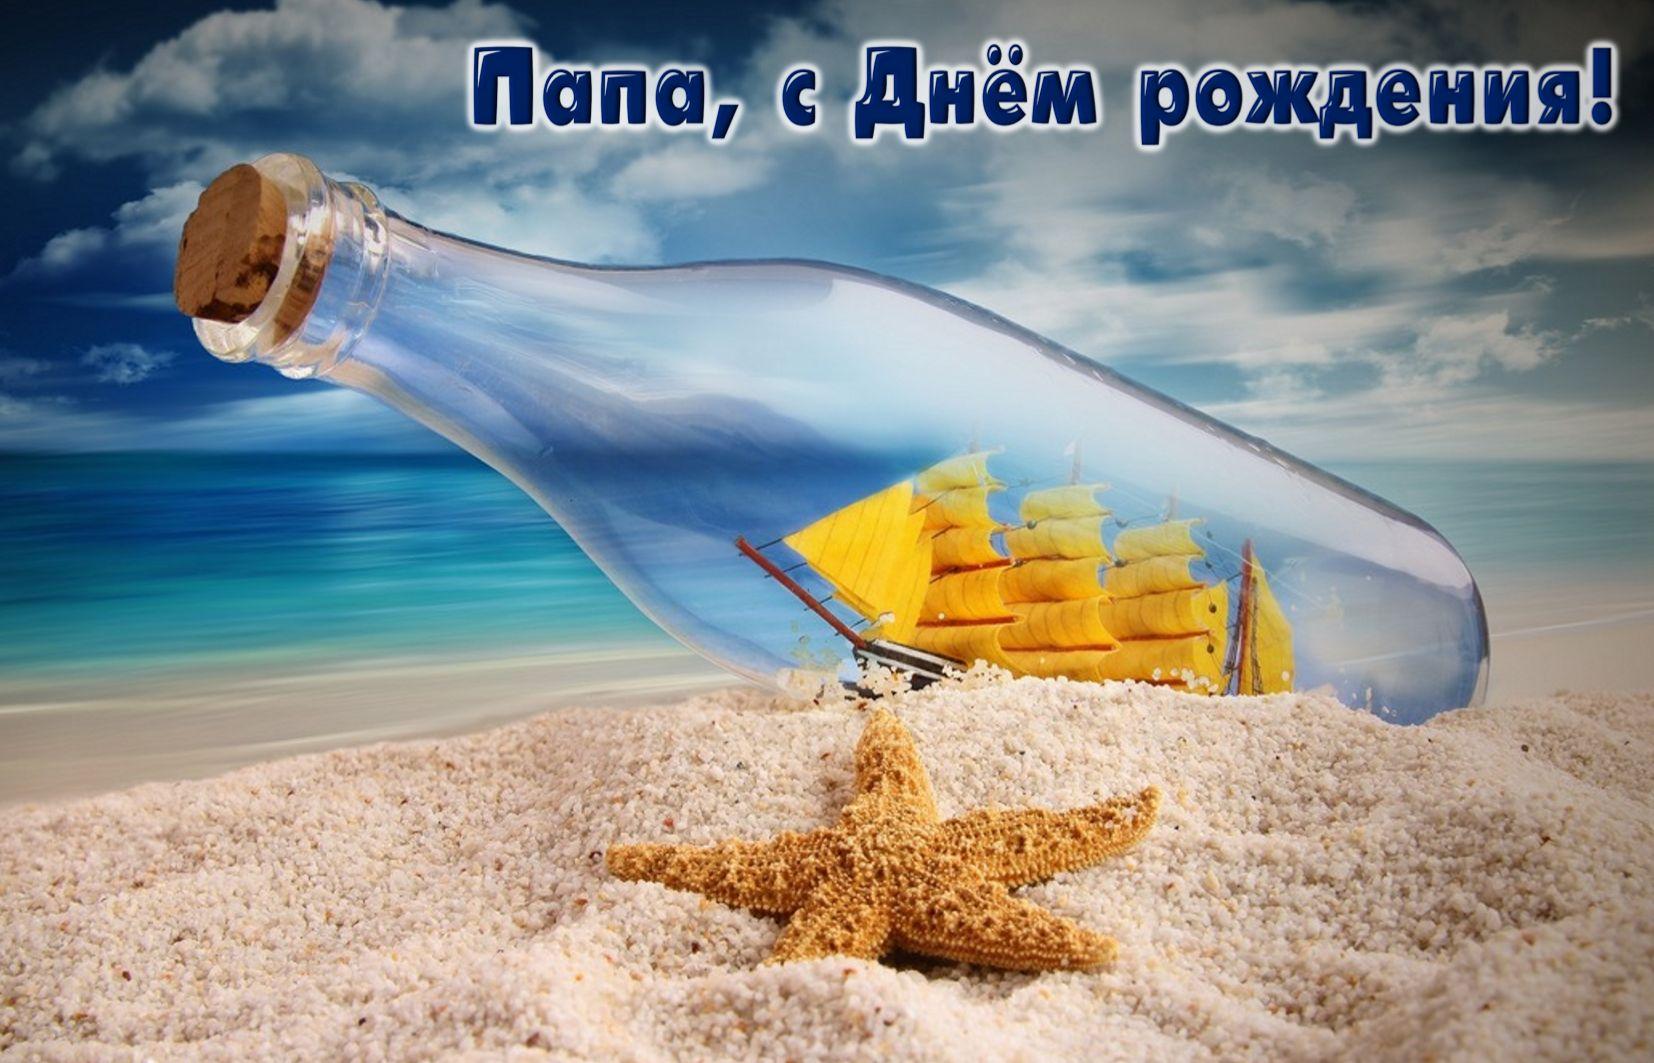 Парусник в бутылке на песке для папы